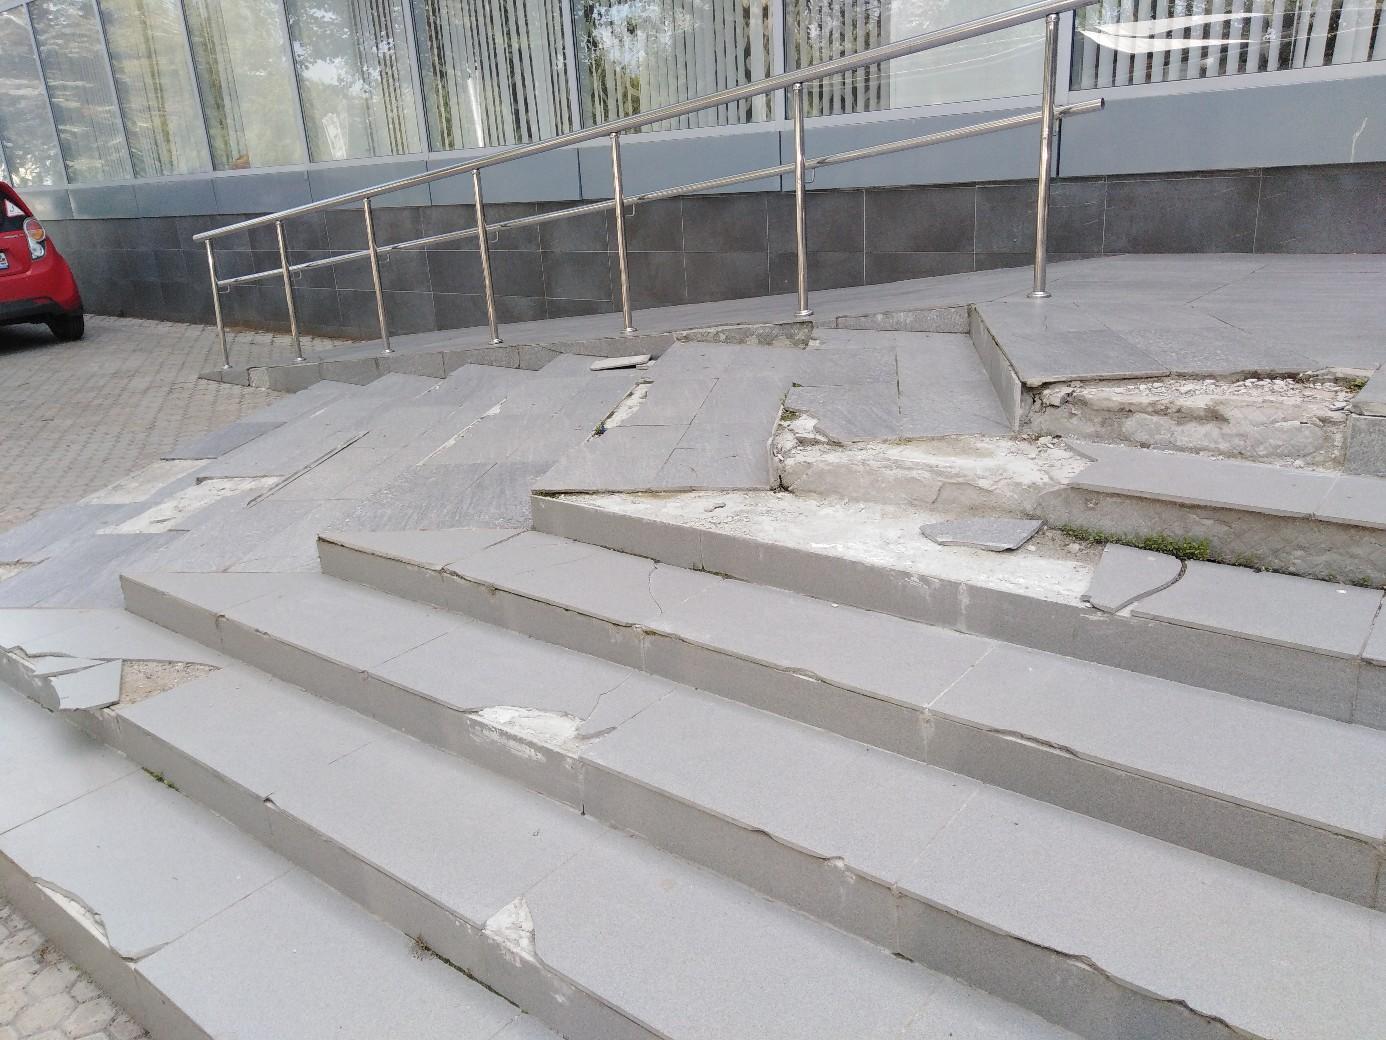 «Просто безобразие!»: Уфимцев возмутило «убитое» крыльцо в местном ЗАГСе